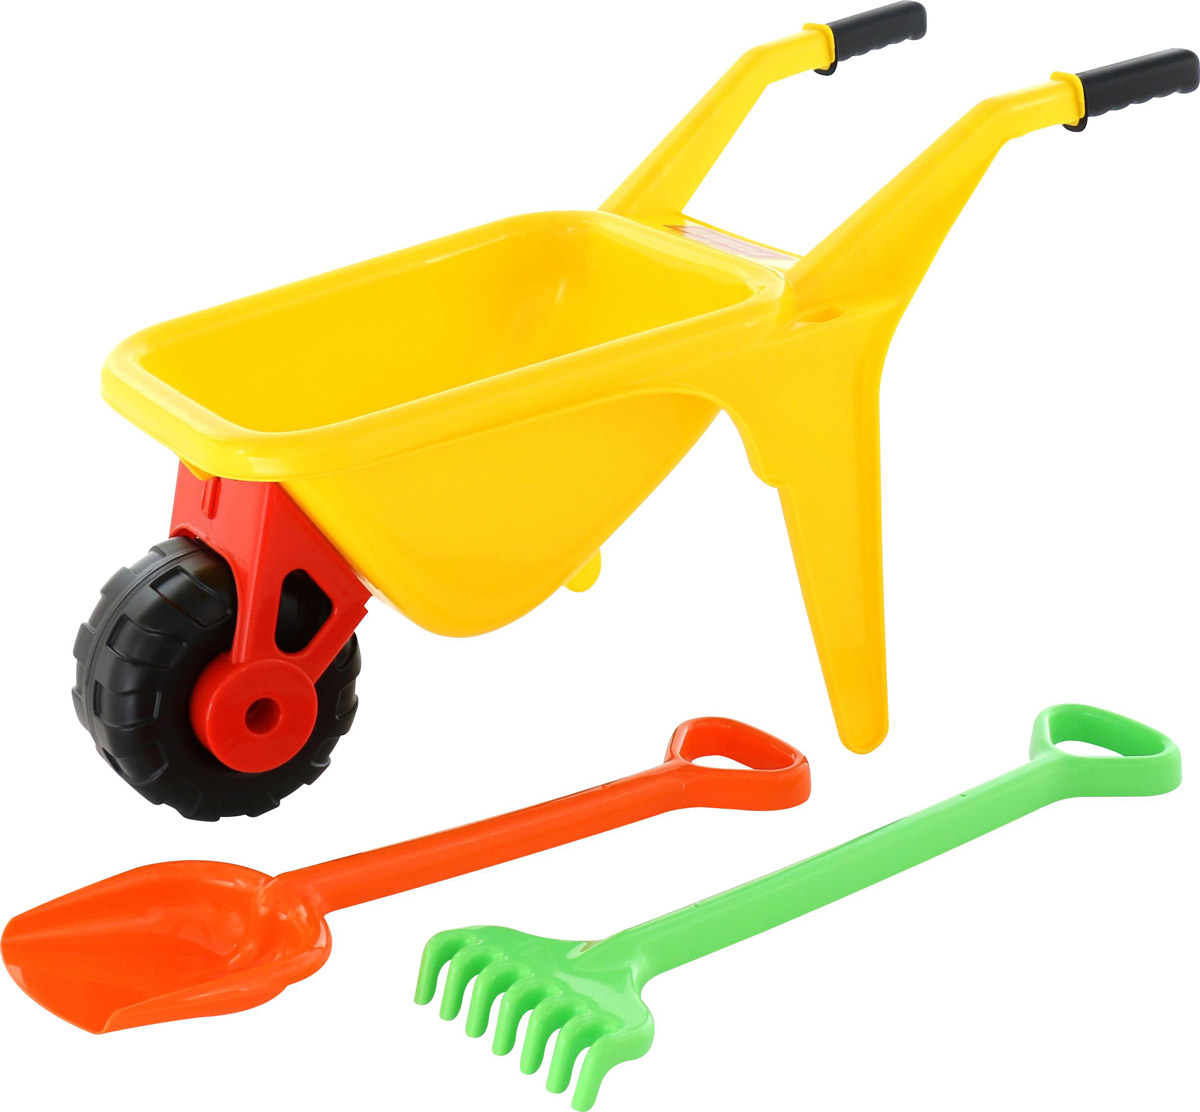 Полесье Набор игрушек для песочницы Тачка Садовод с лопатой и граблями цвет желтый полесье набор для песочницы 391